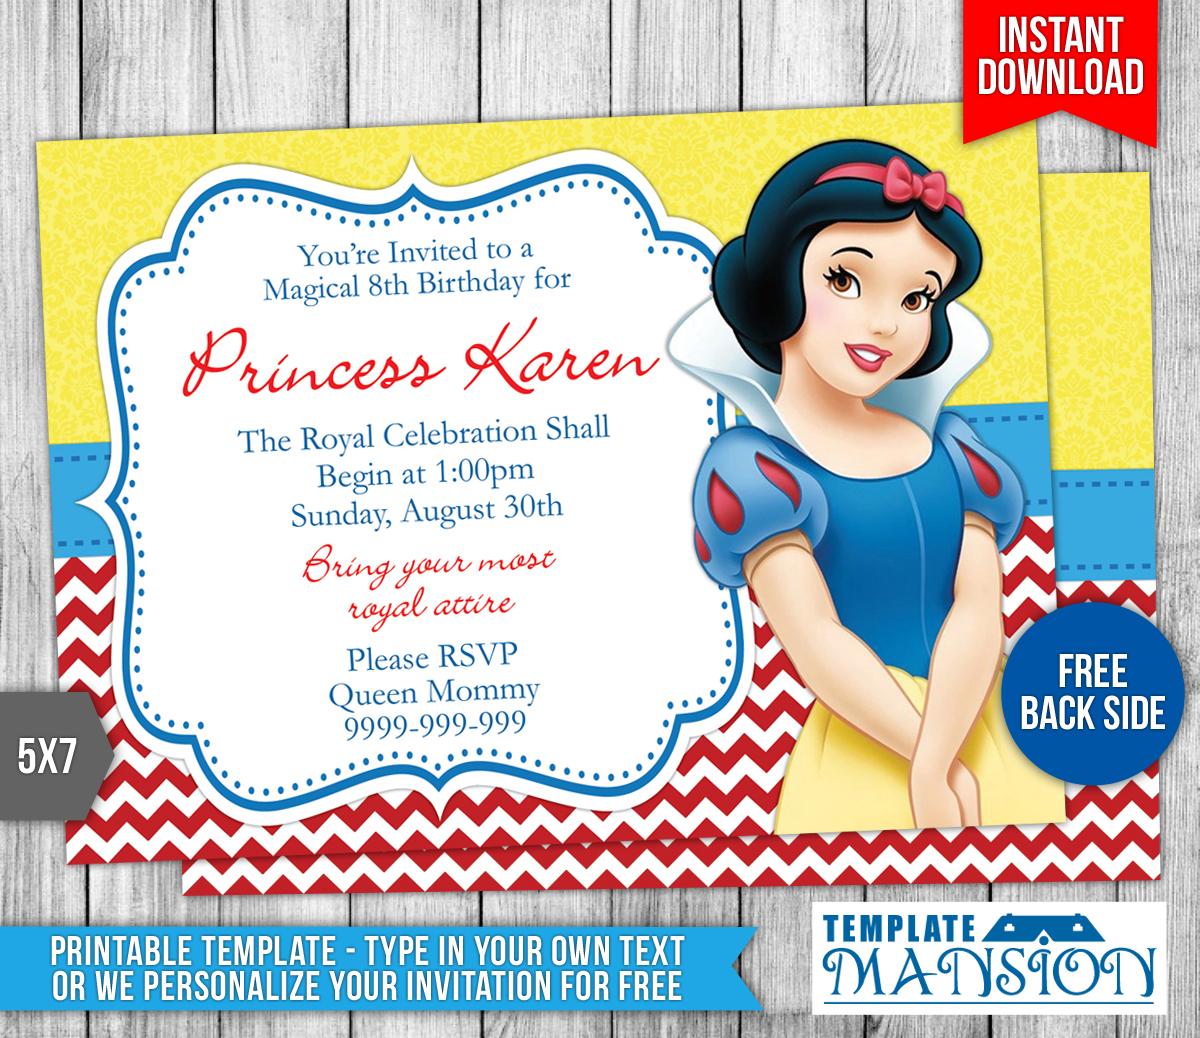 Snow White Birthday Invitation 2 By Templatemansion On Deviantart